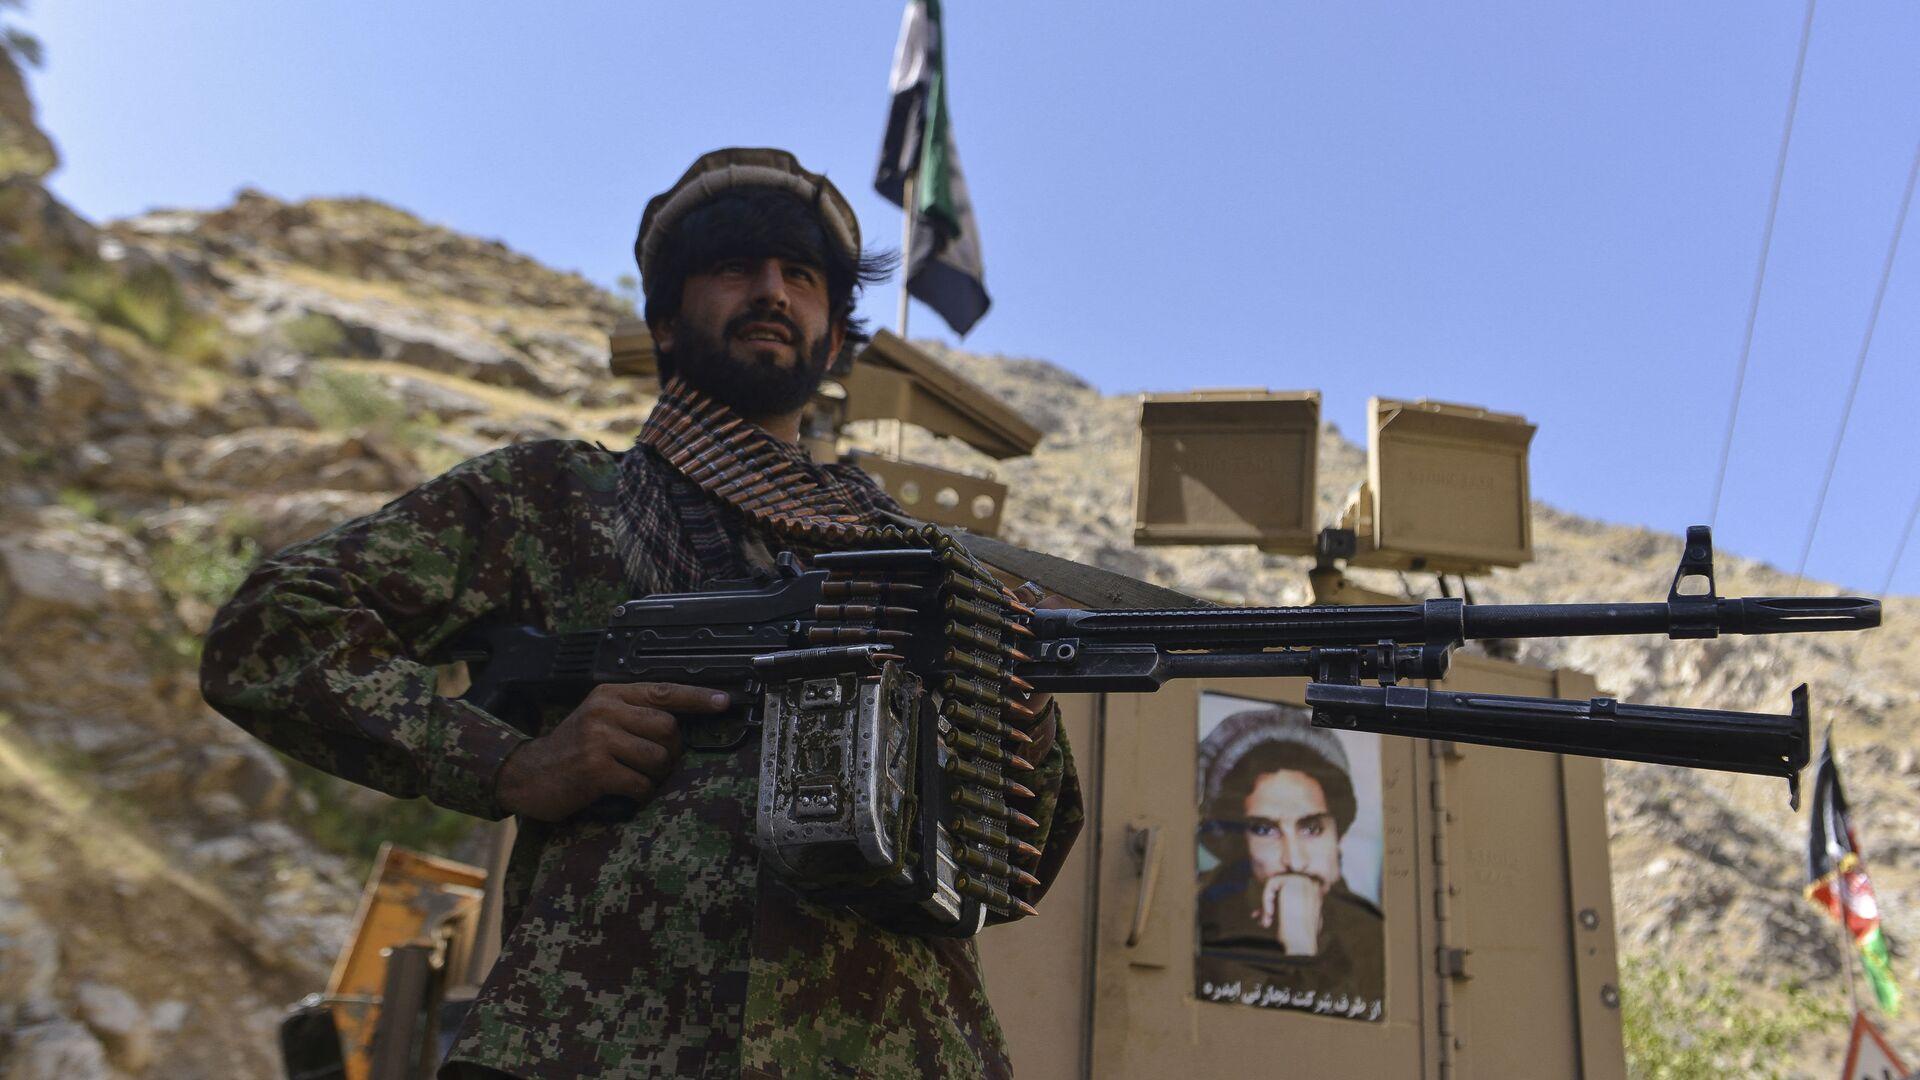 Афганское движение сопротивления во патрулирования в провинции Панджшер, Афганистан - Sputnik Таджикистан, 1920, 02.09.2021